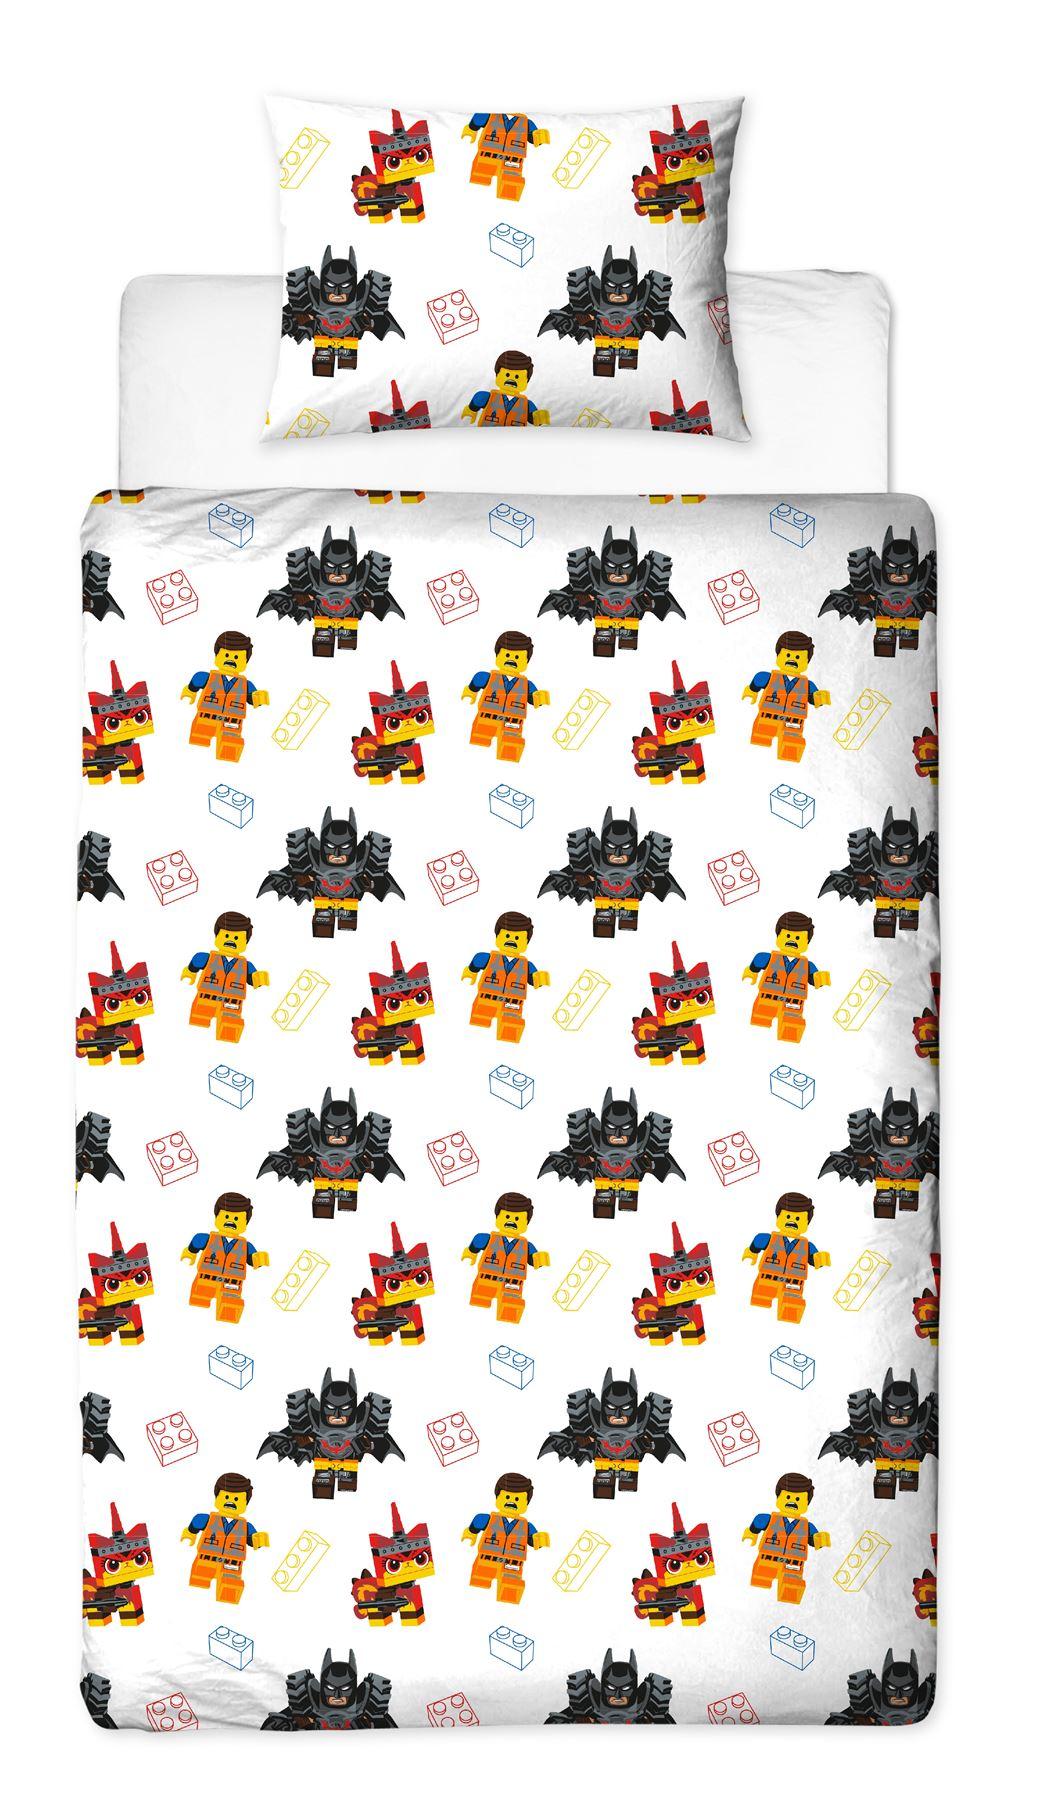 Official-Licensed-Lego-Duvet-Bedding-Ninjago-Batman-Star-Wars-Jurassic thumbnail 21